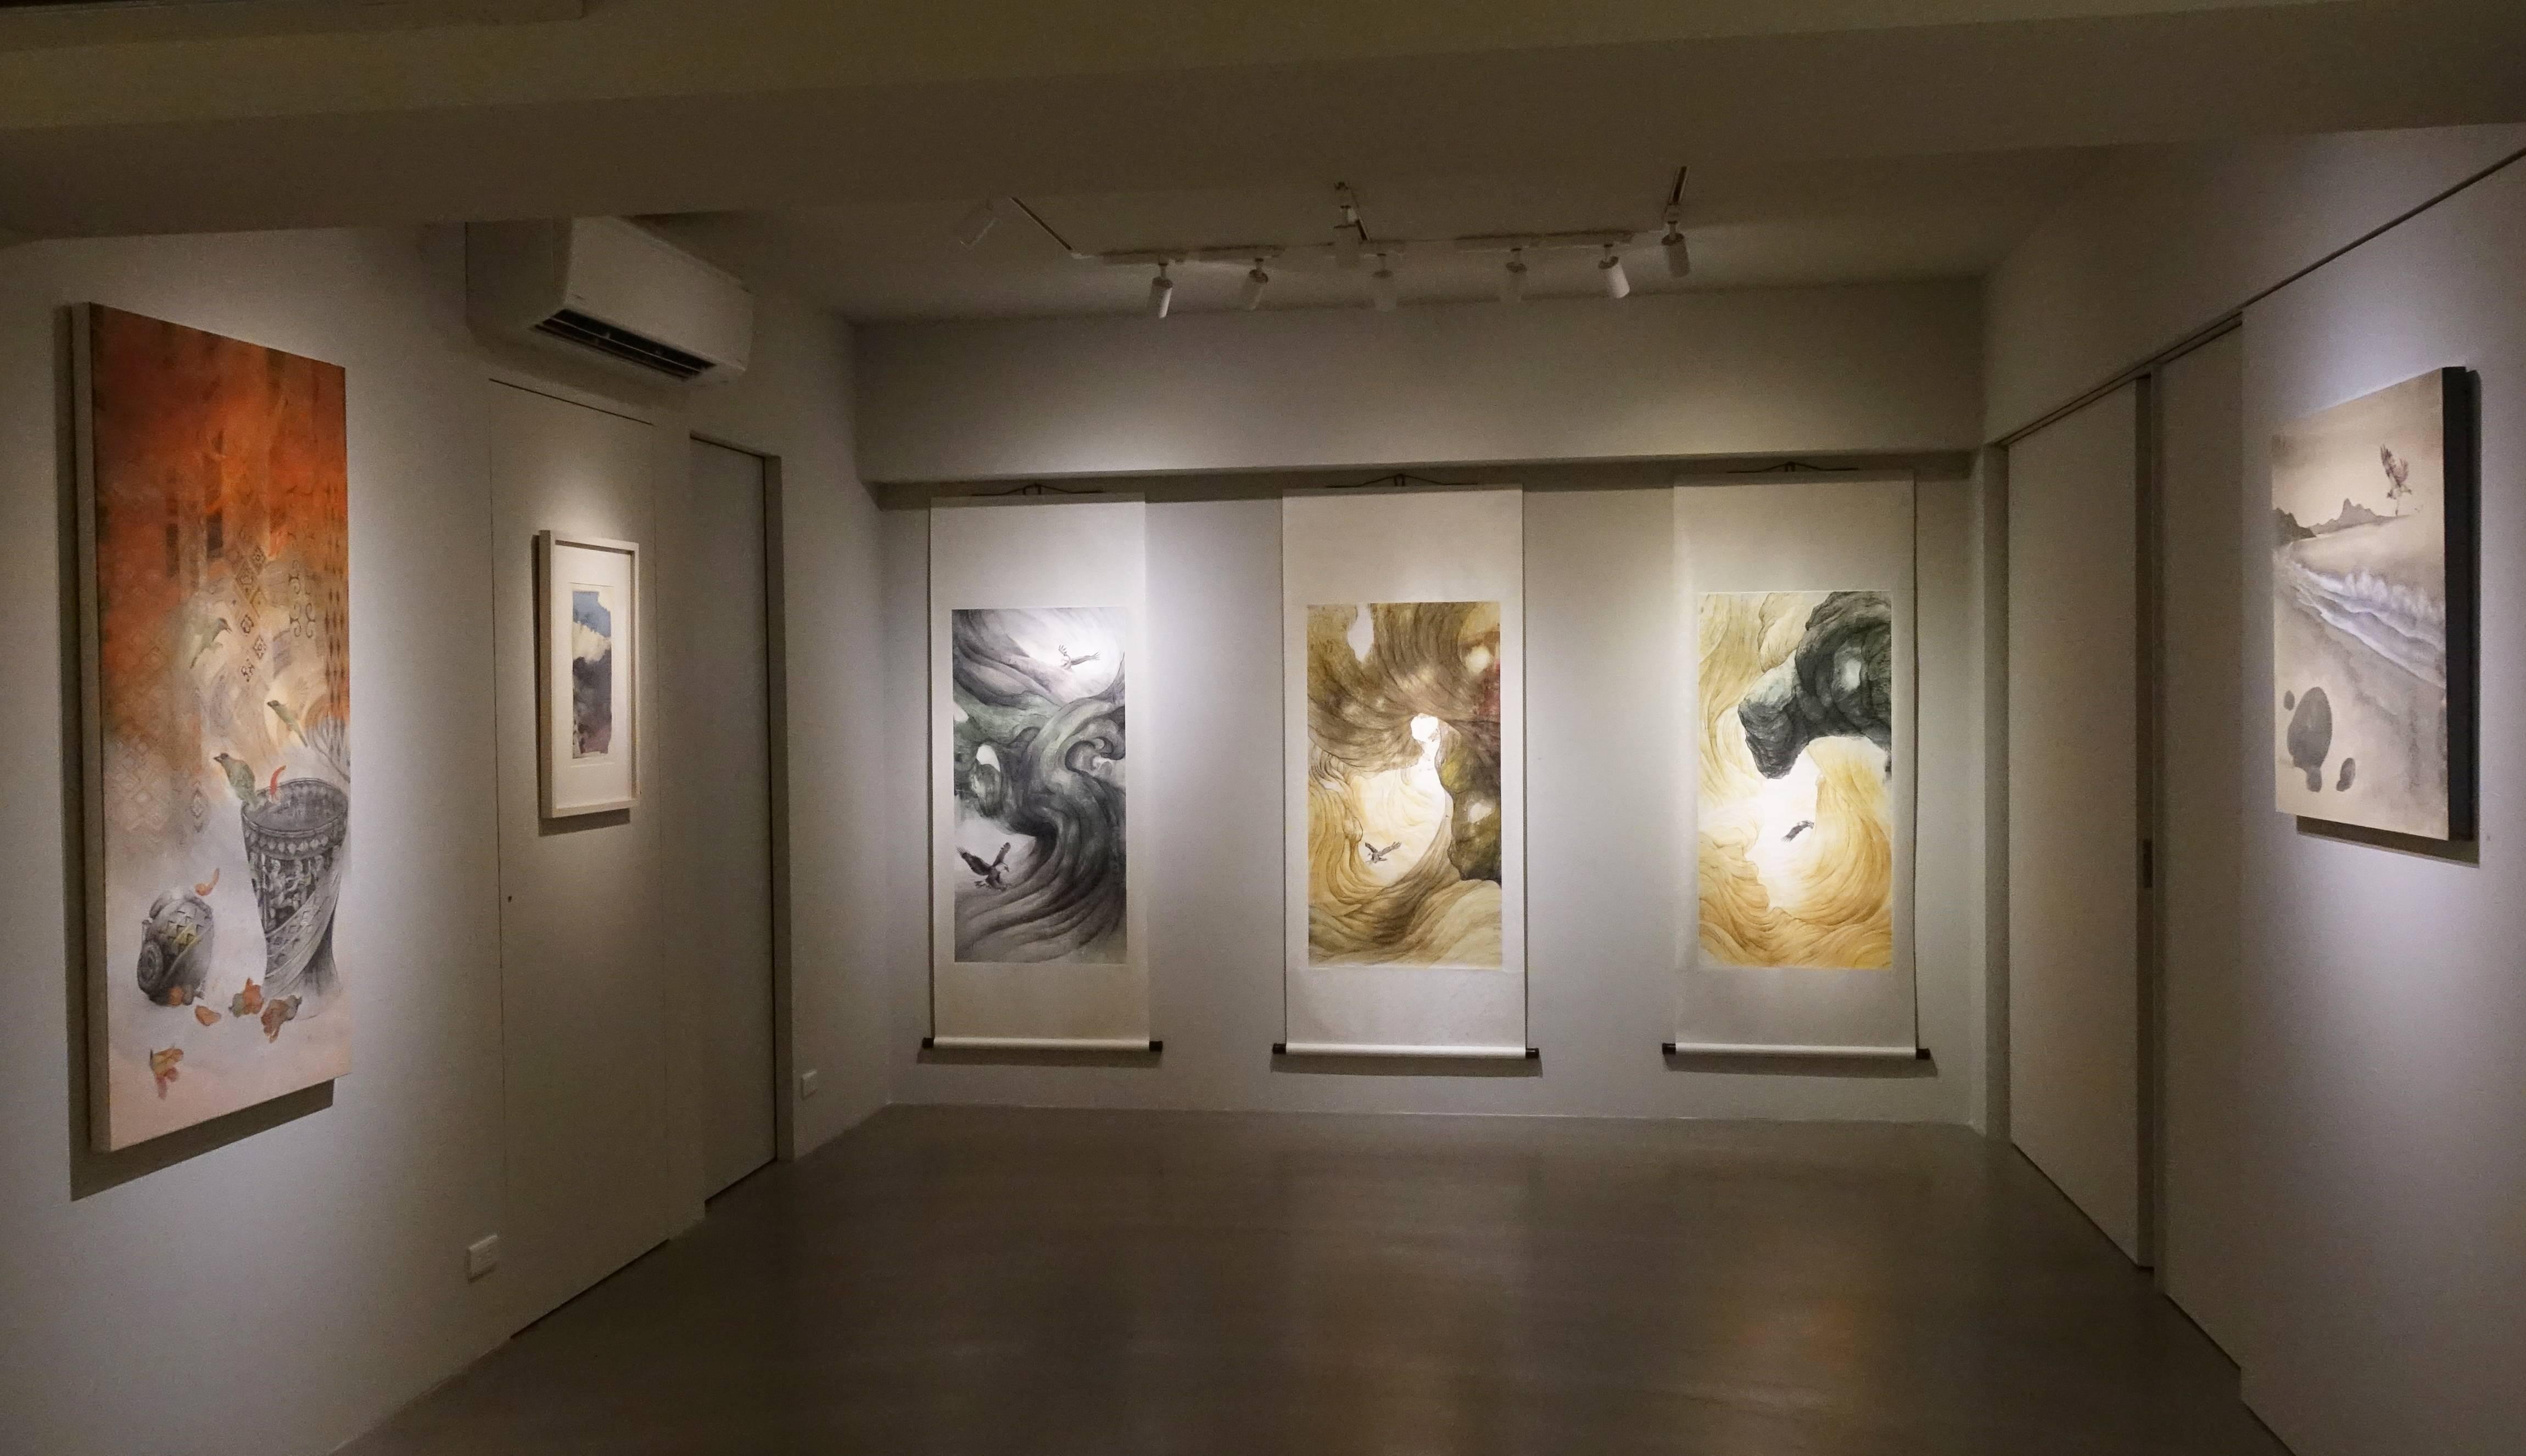 有璽藝術空間展出藝術家黃淑卿「生之嶼島」作品展。